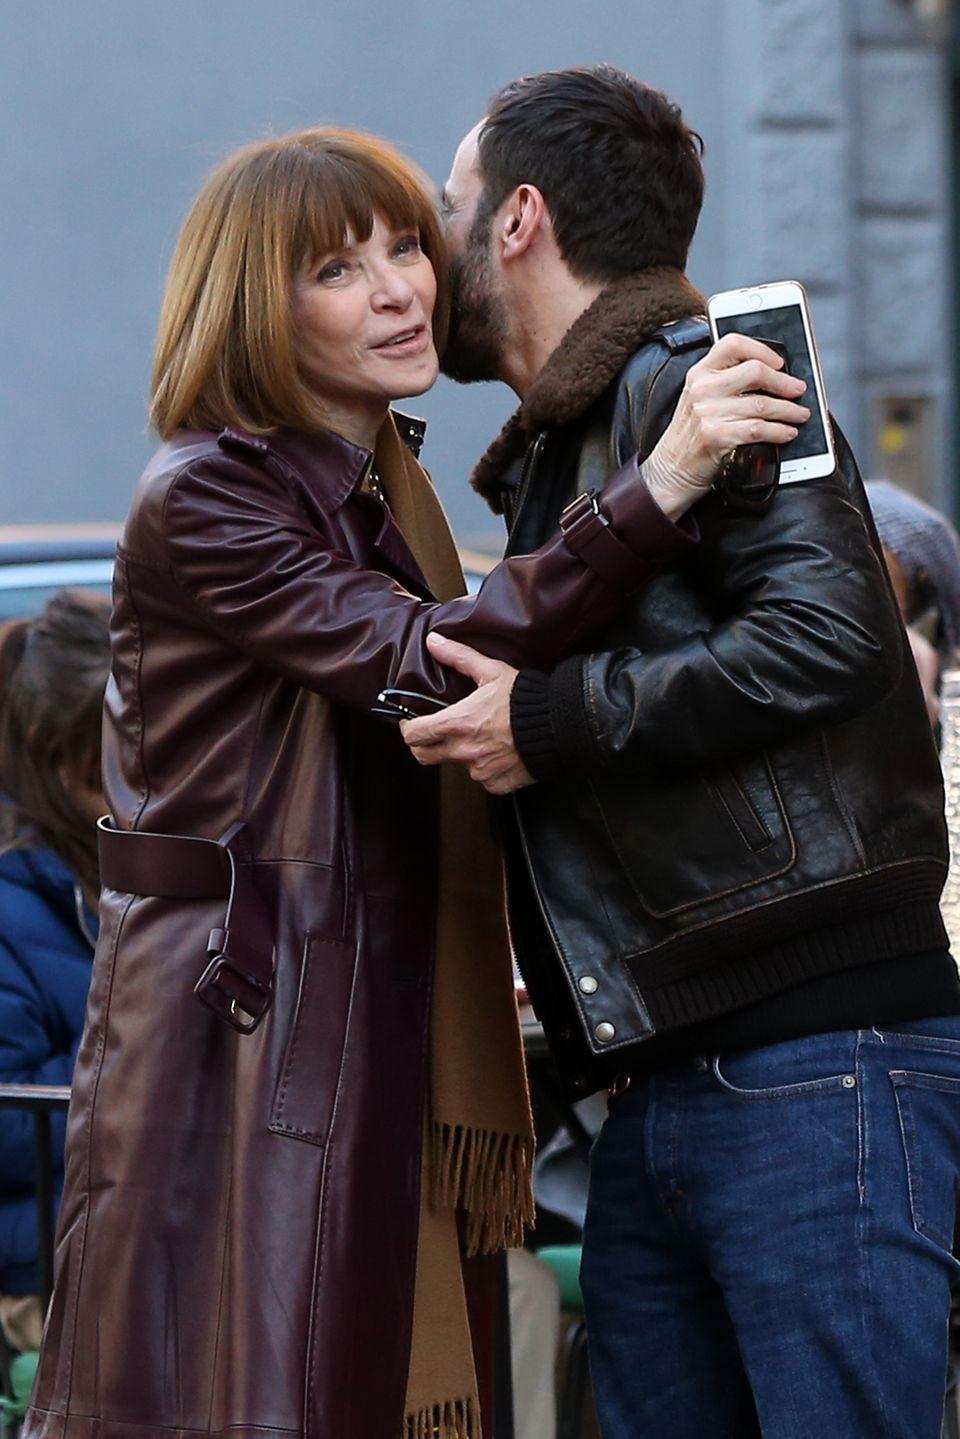 4. Februar 2019   Küsschen zwischen Modegenies: In New York verabschiedet sichUS-Vogue Chefredakteurin Anna Wintour nach einem Lunch von Louis Vuittons KünstlerischemDirektor Nicolas Ghesquière.